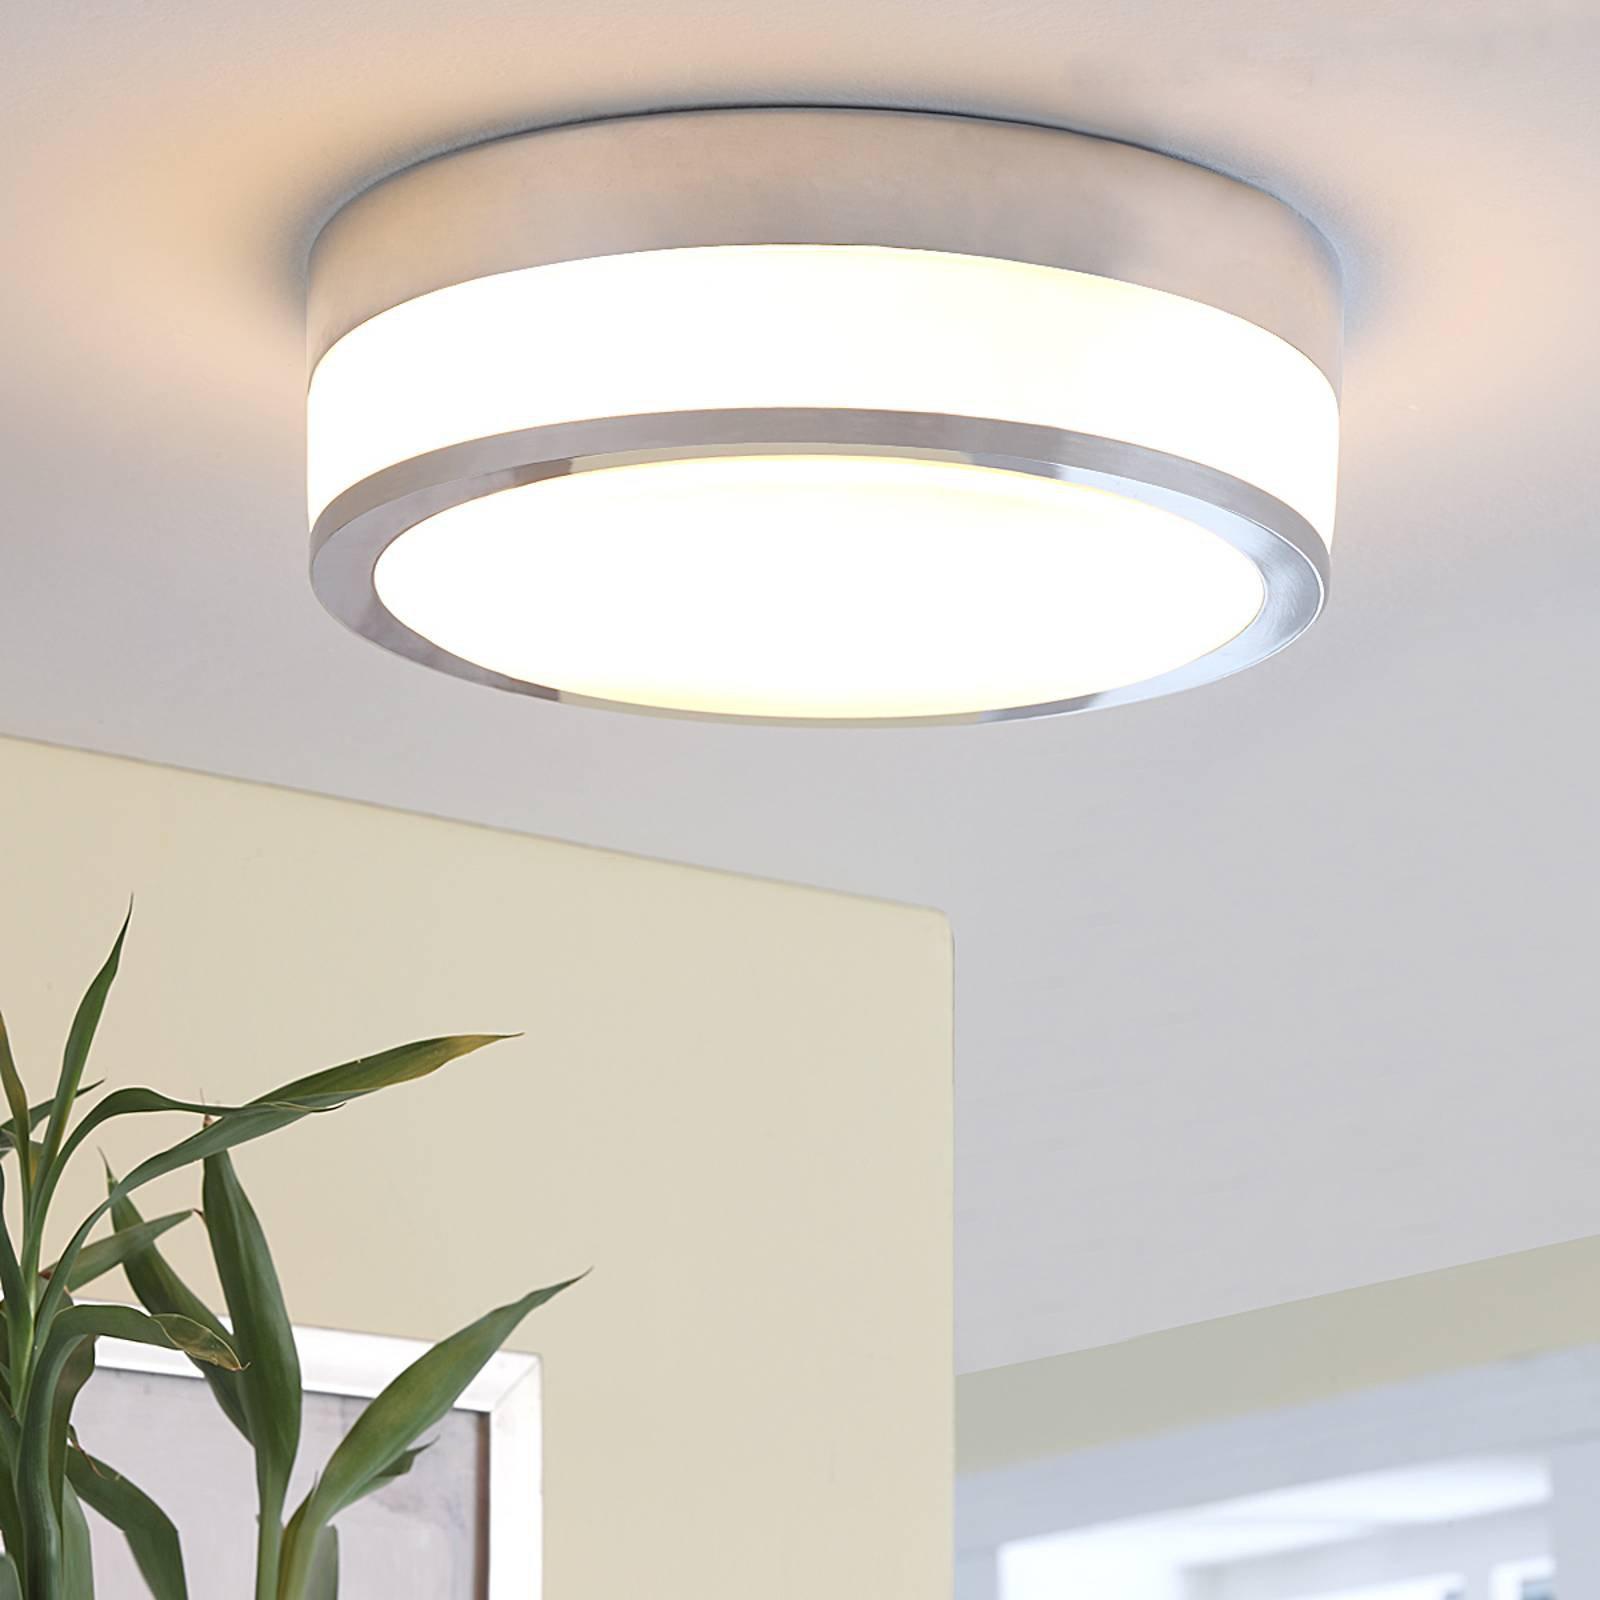 Lindby Flavi taklampe til bad, Ø 28 cm, krom